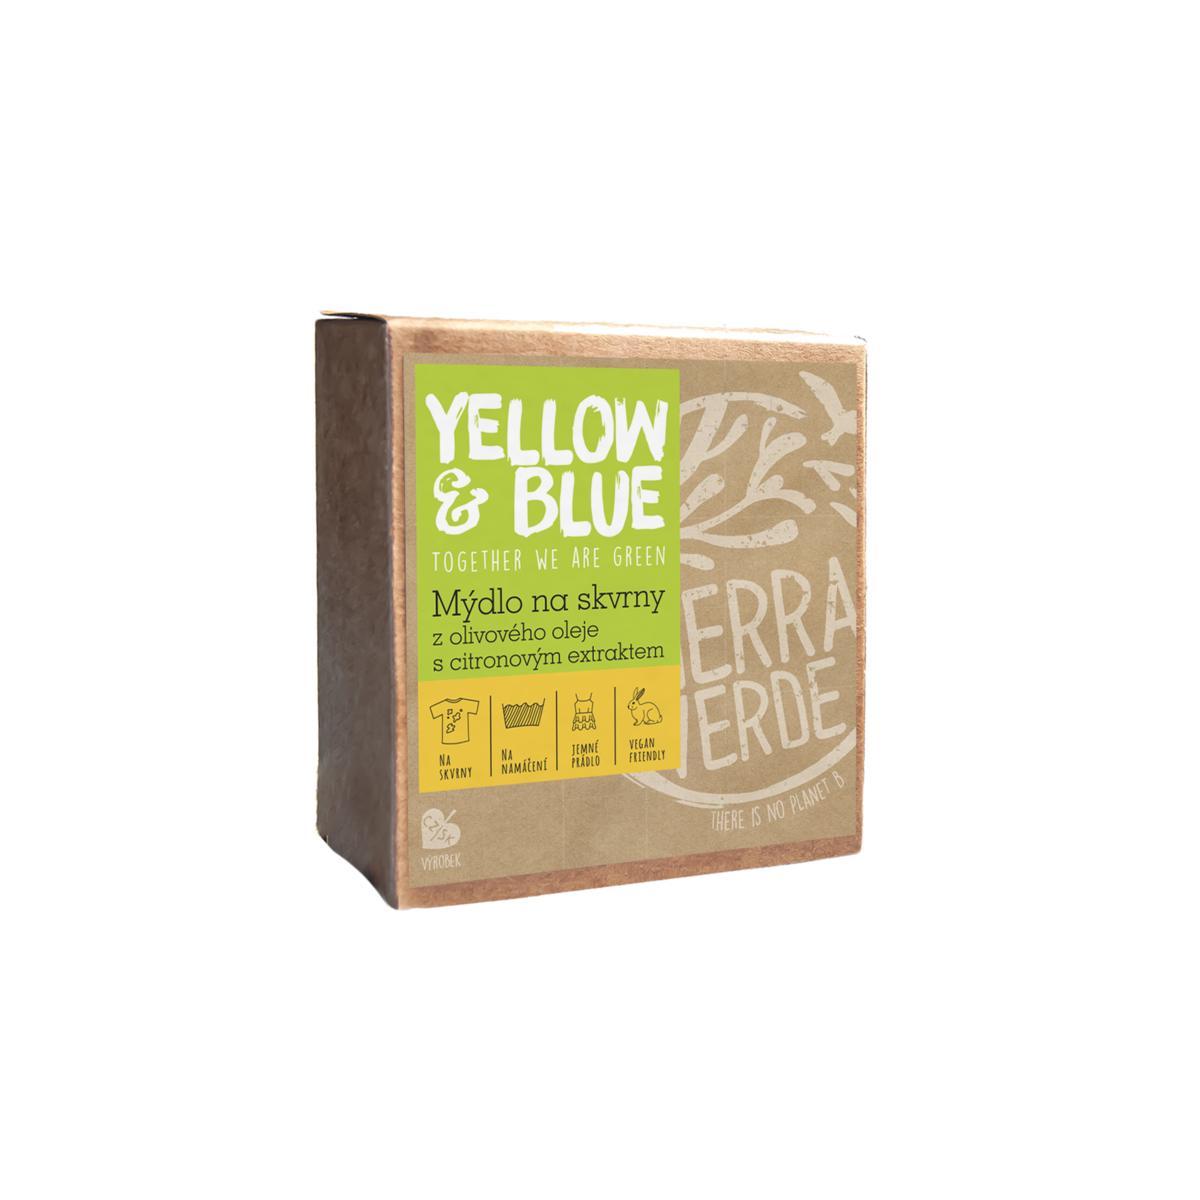 Olivové mýdlo s citronovým extraktem na skvrny 200 g